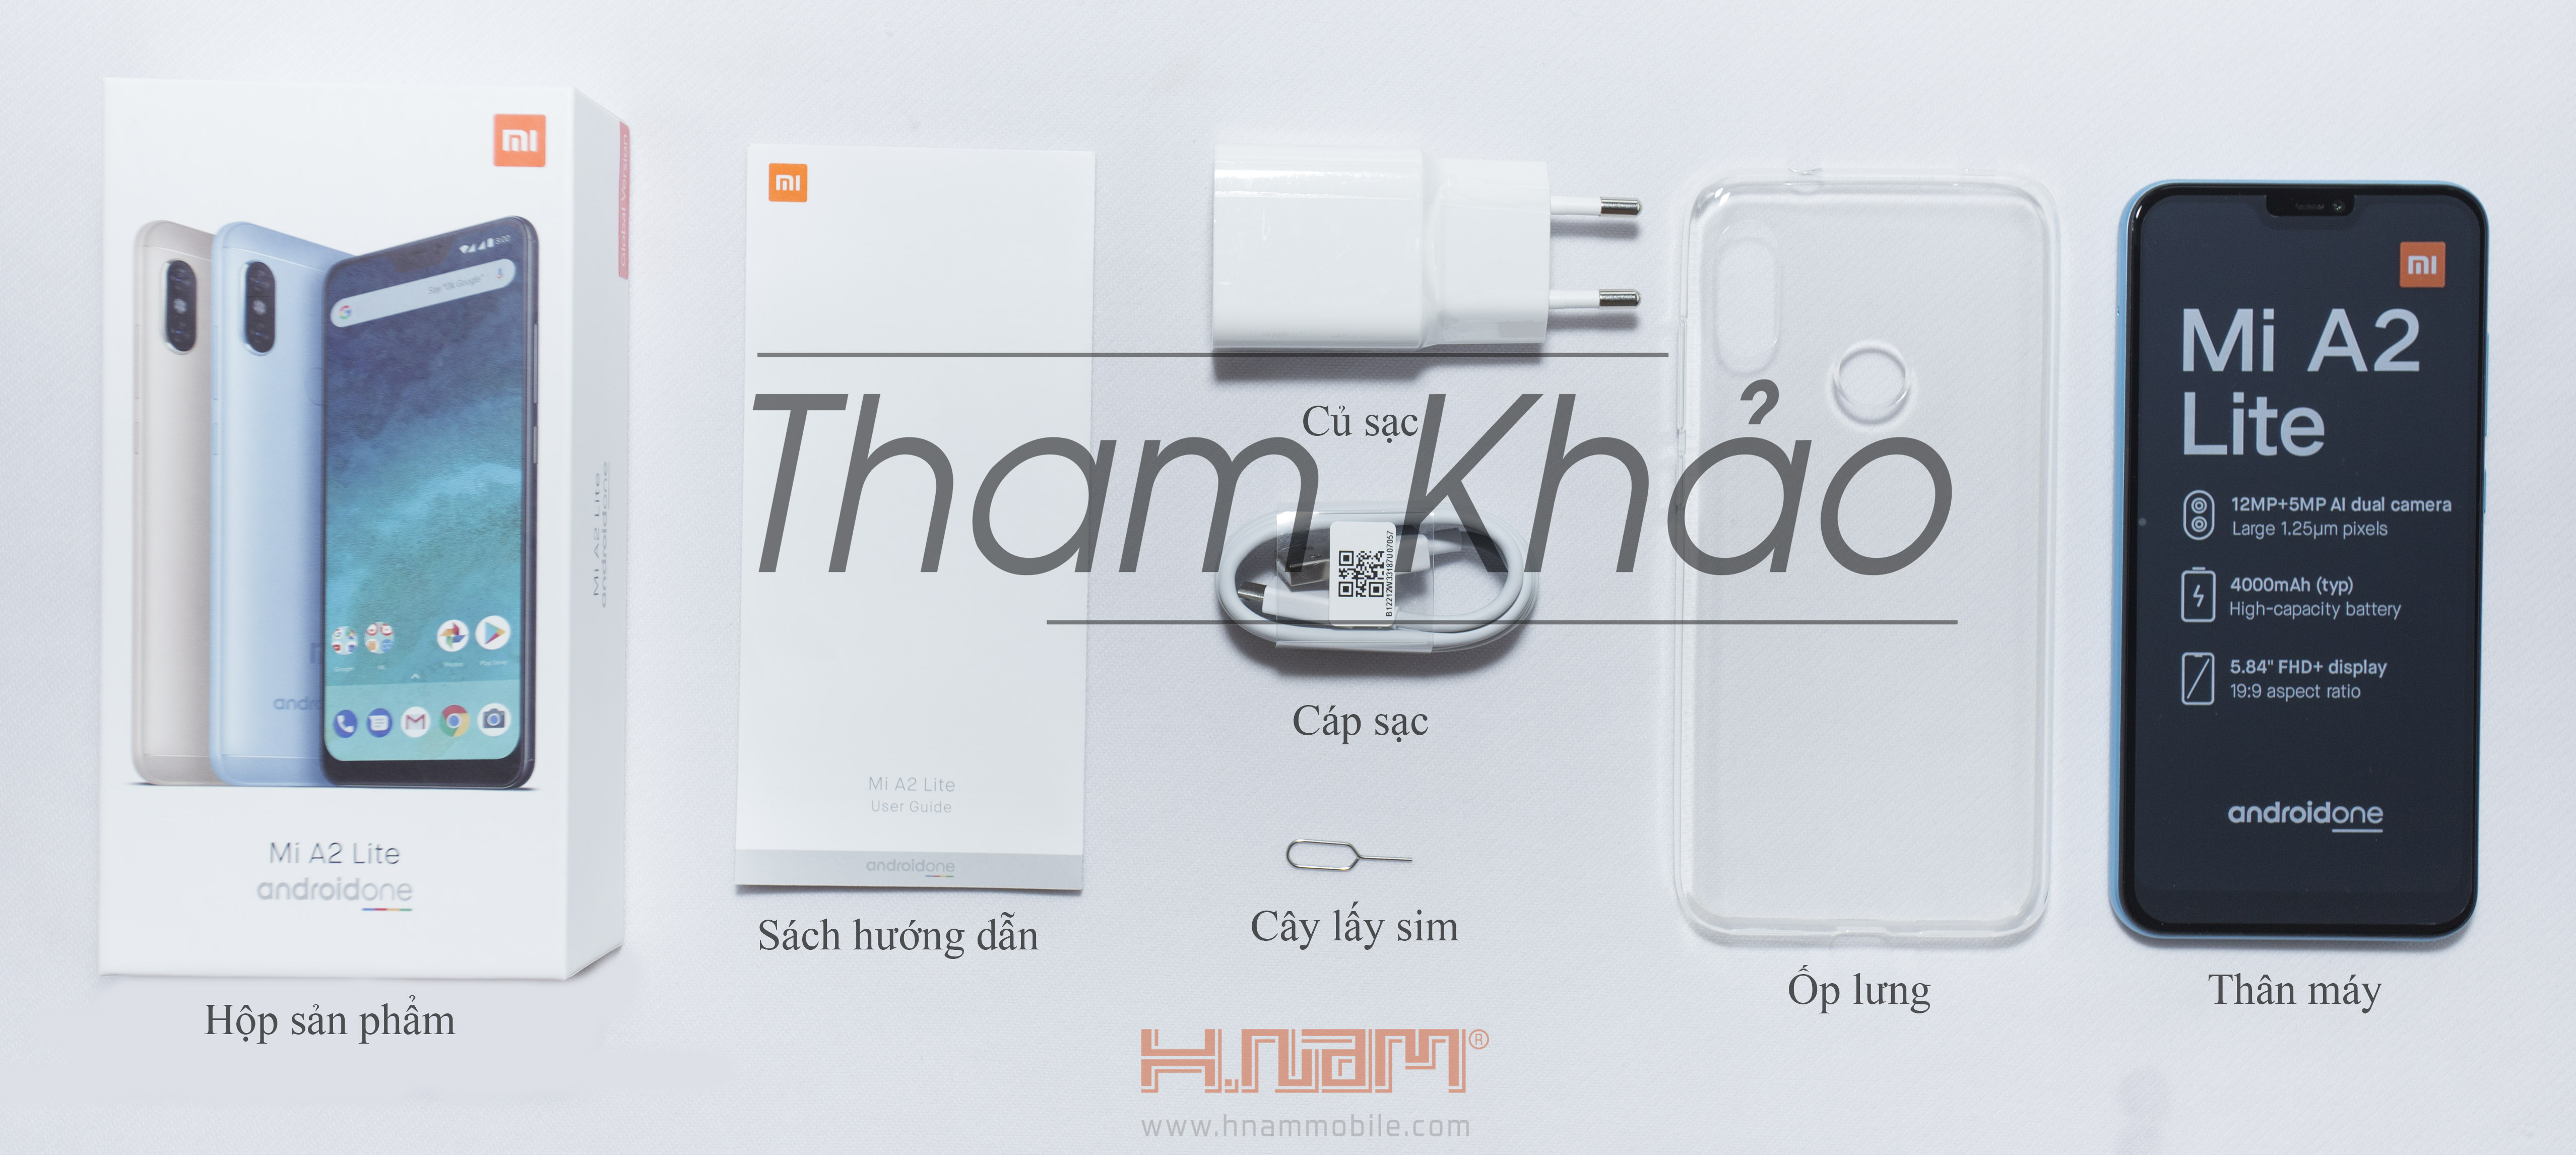 Xiaomi Mi A2 Lite 32Gb Ram 3Gb hình sản phẩm 0